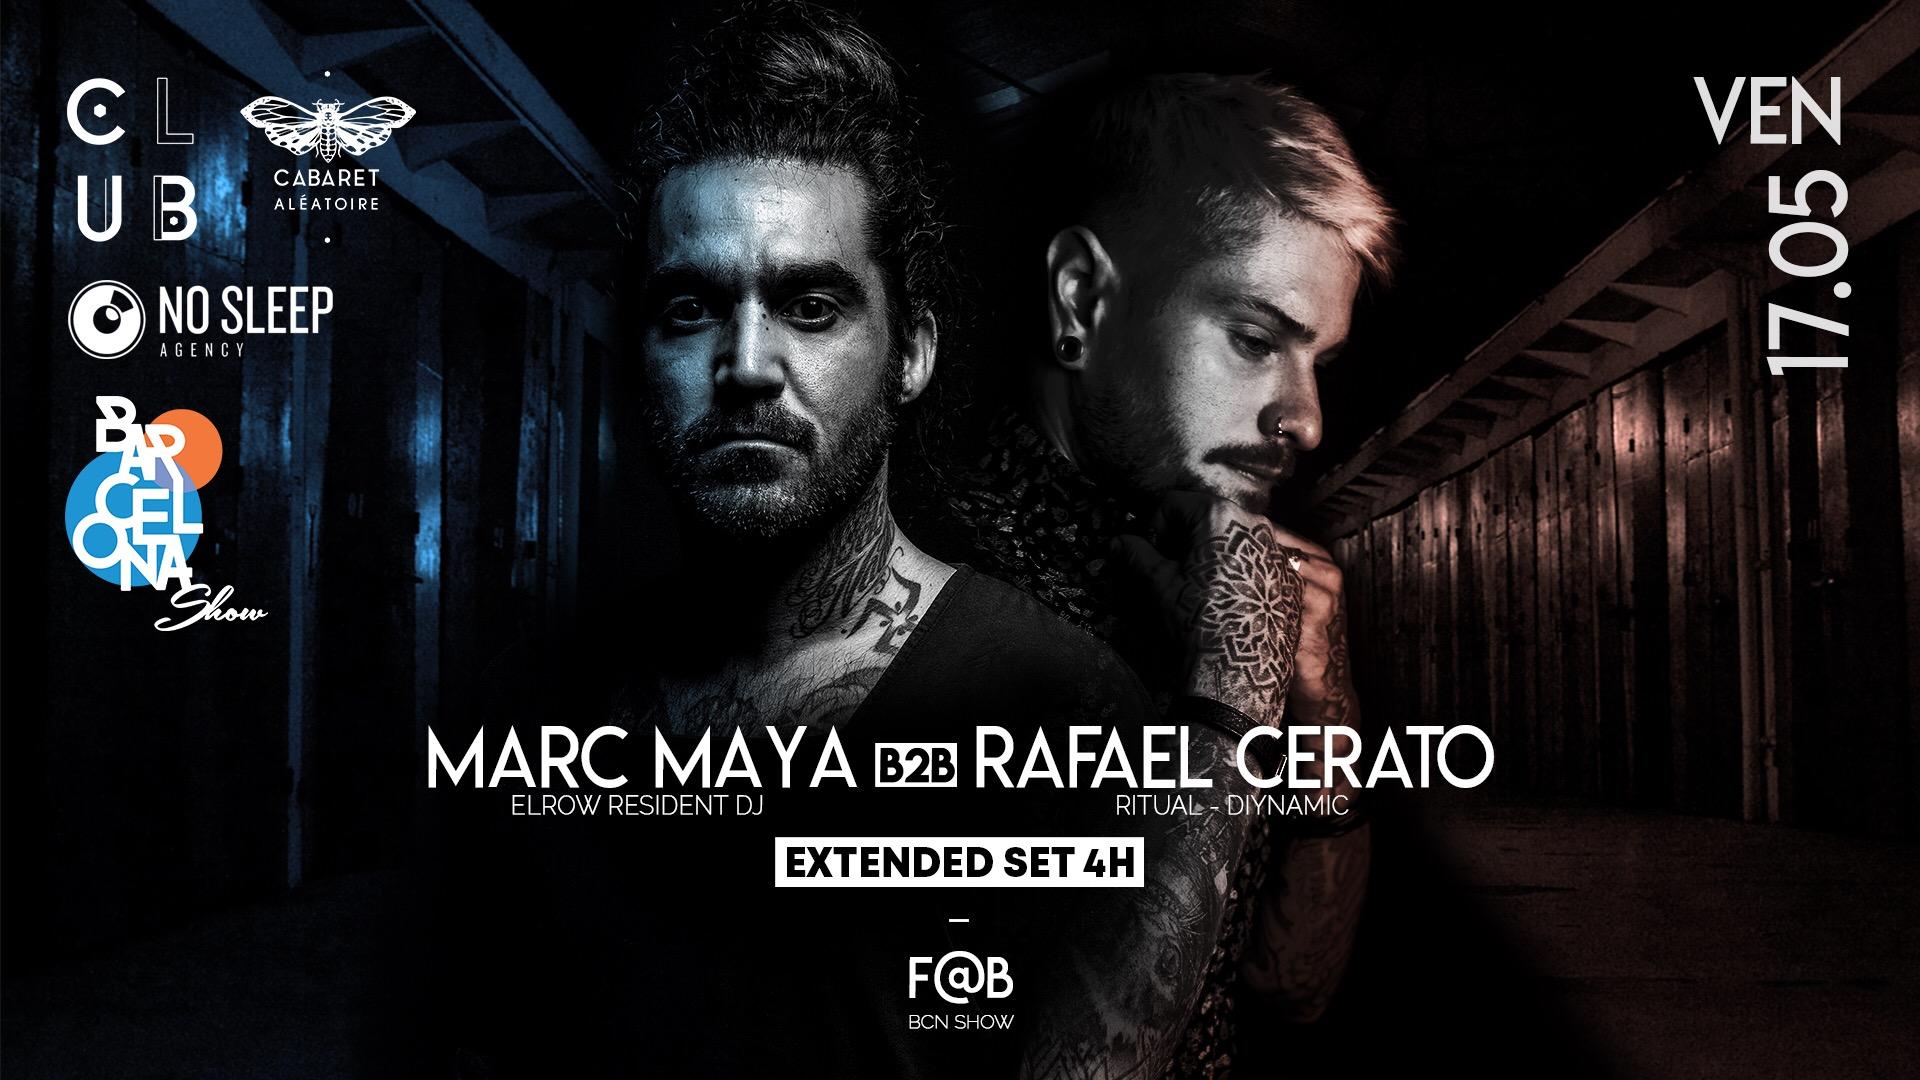 Club Cabaret x BCN Show : Marc Maya b2b Rafael Cerato